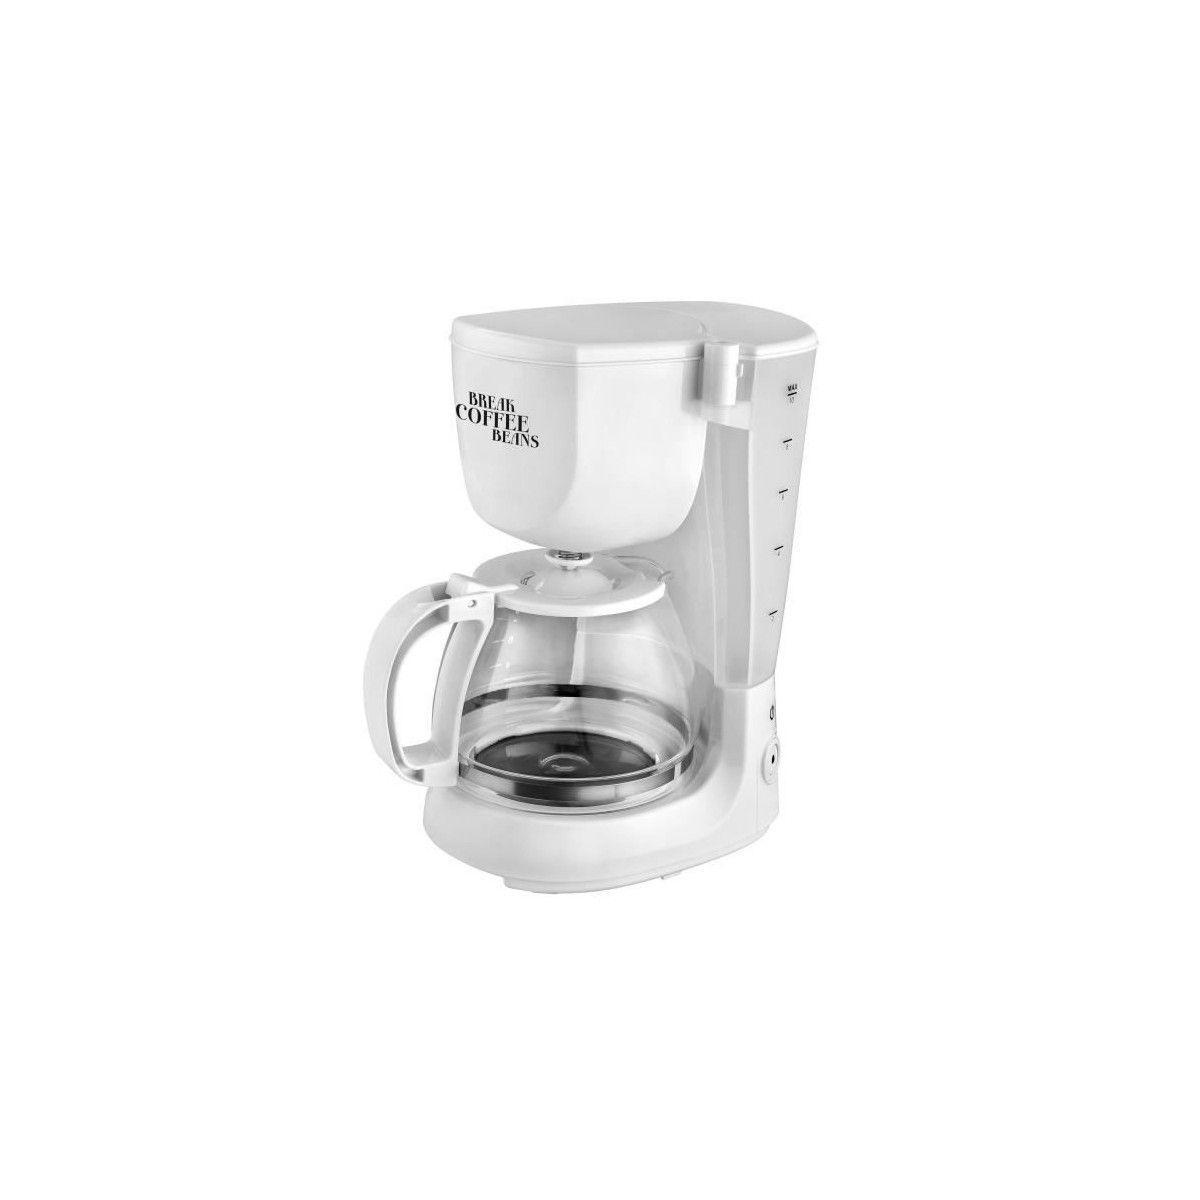 Tkg Cafetière filtre TKG (TEAM KALORIK) CM 1021 W